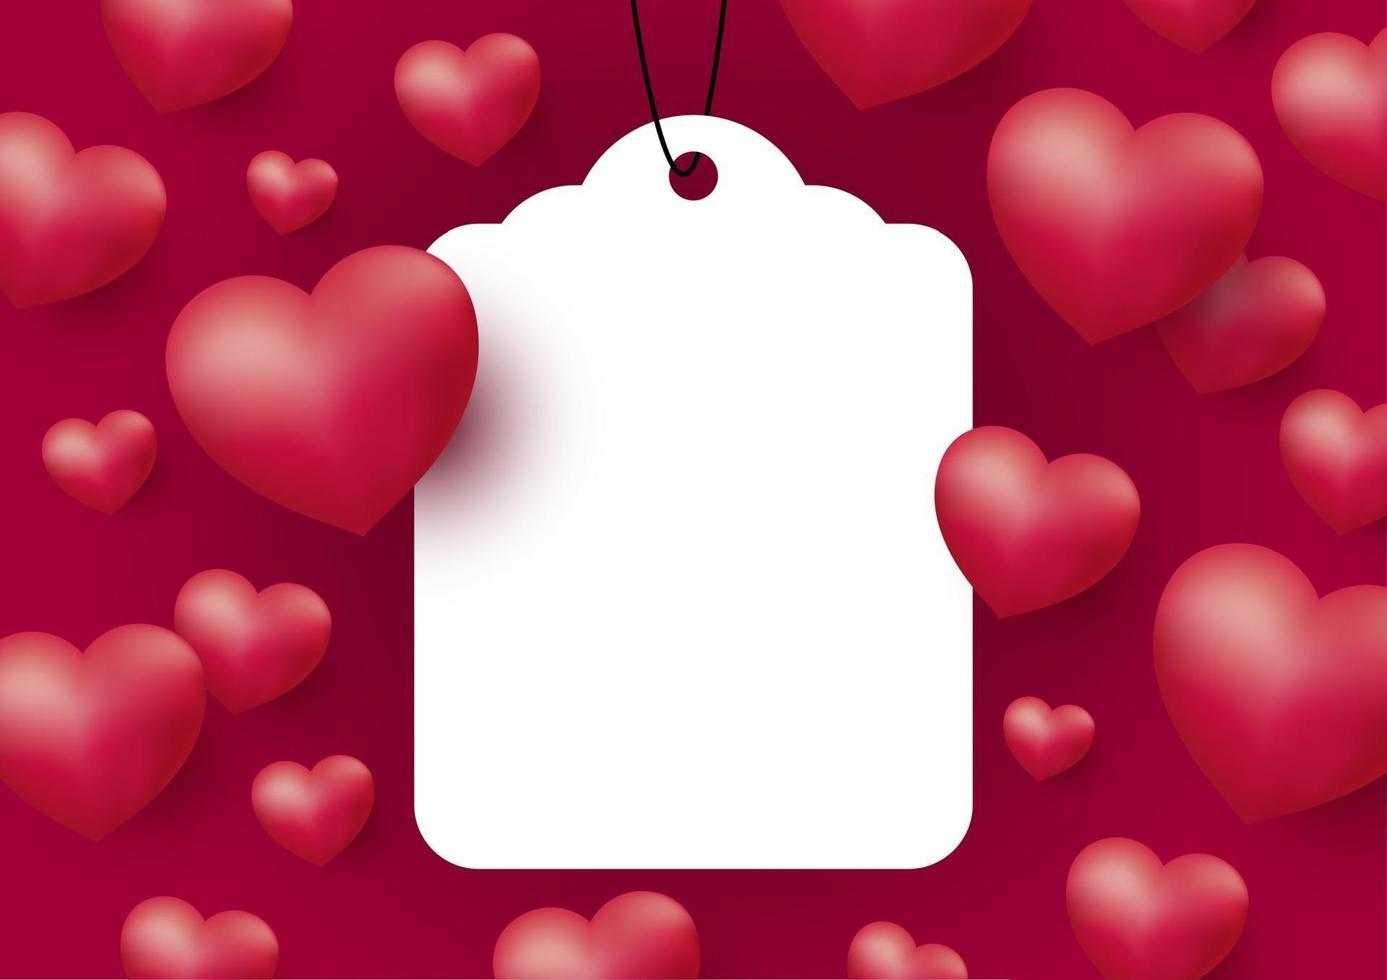 cuori con etichetta bianca vuota su sfondo rosso per la festa della mamma delle donne di San Valentino e illustrazione vettoriale di nozze